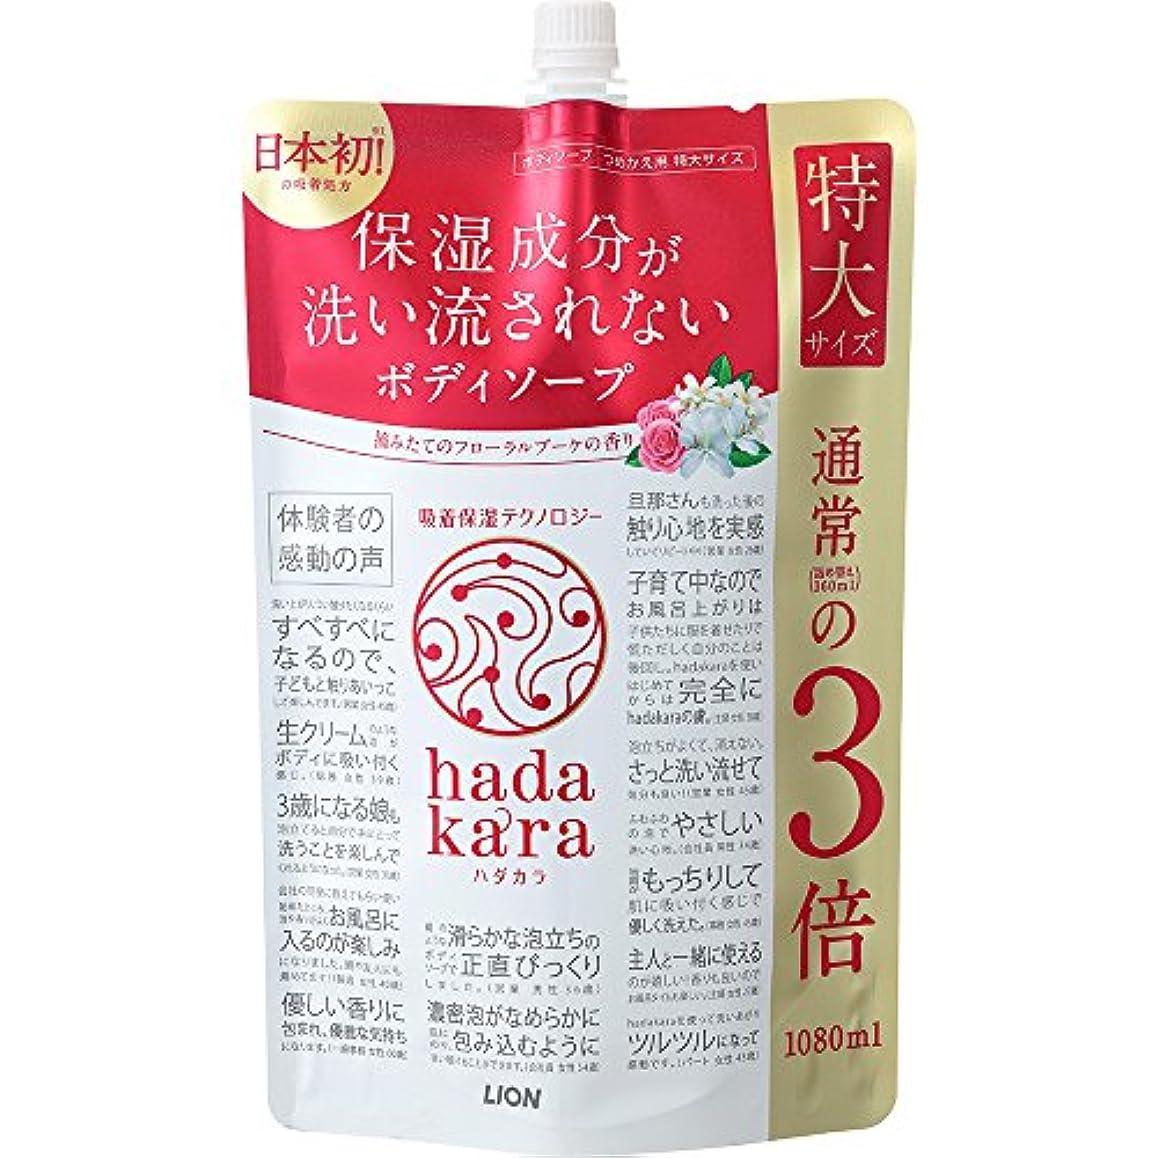 まともな豚肉囲まれた【大容量】hadakara(ハダカラ) ボディソープ フローラルブーケの香り 詰め替え 特大 1080ml